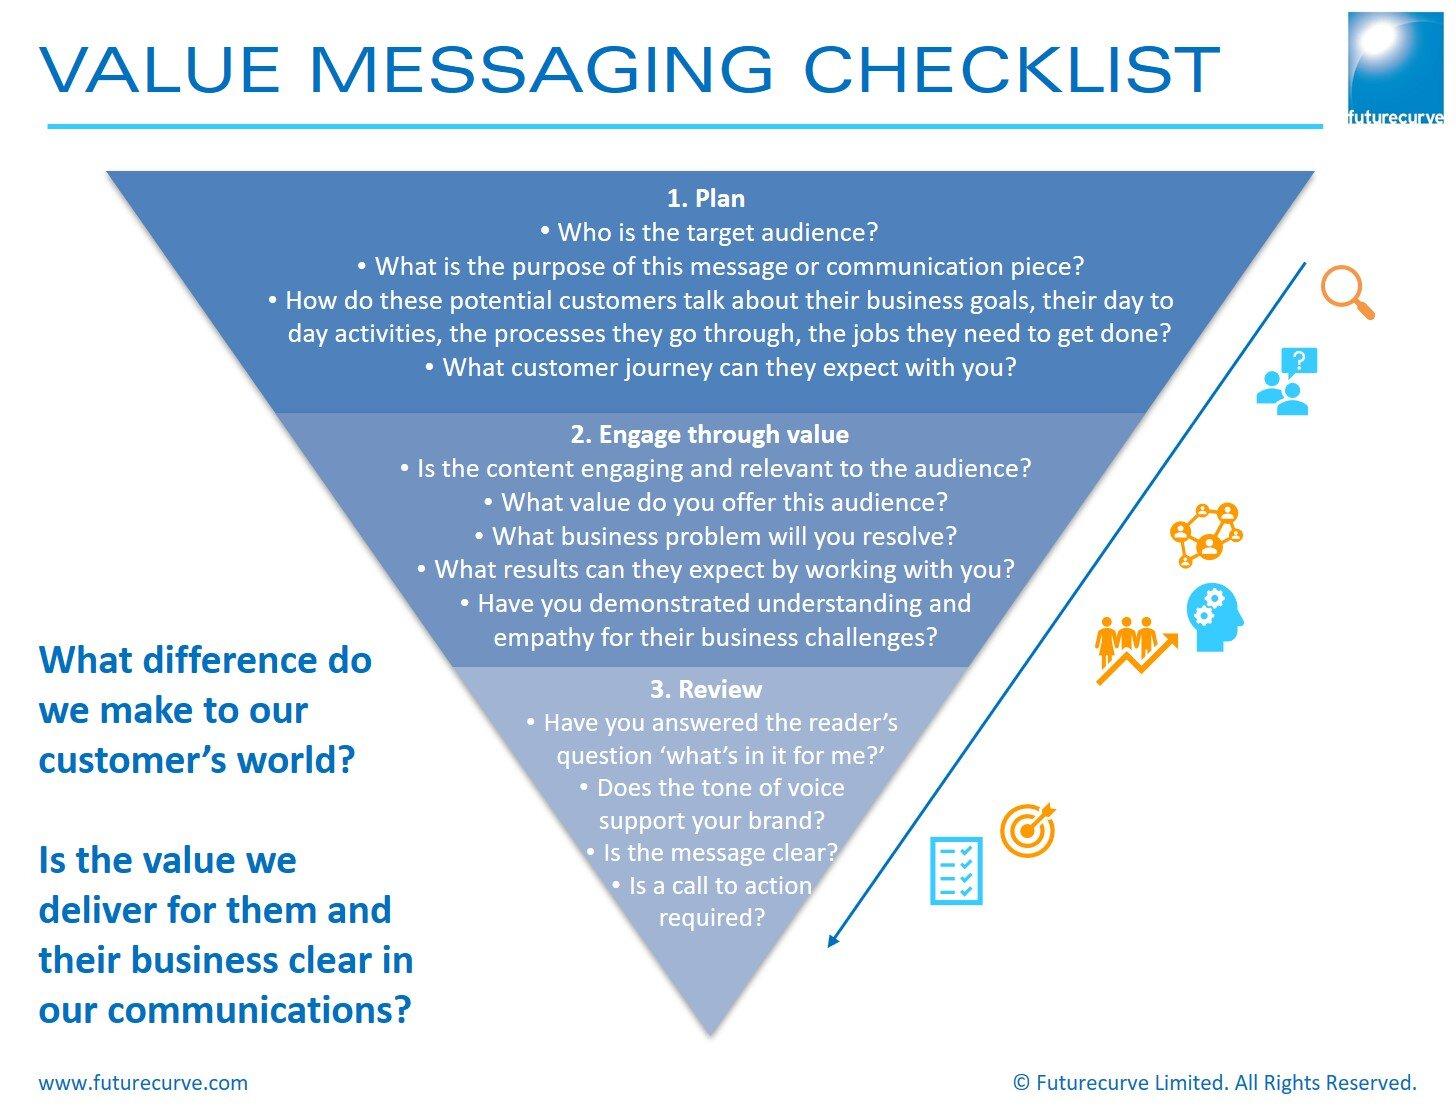 Value Messaging checklist vip.jpg